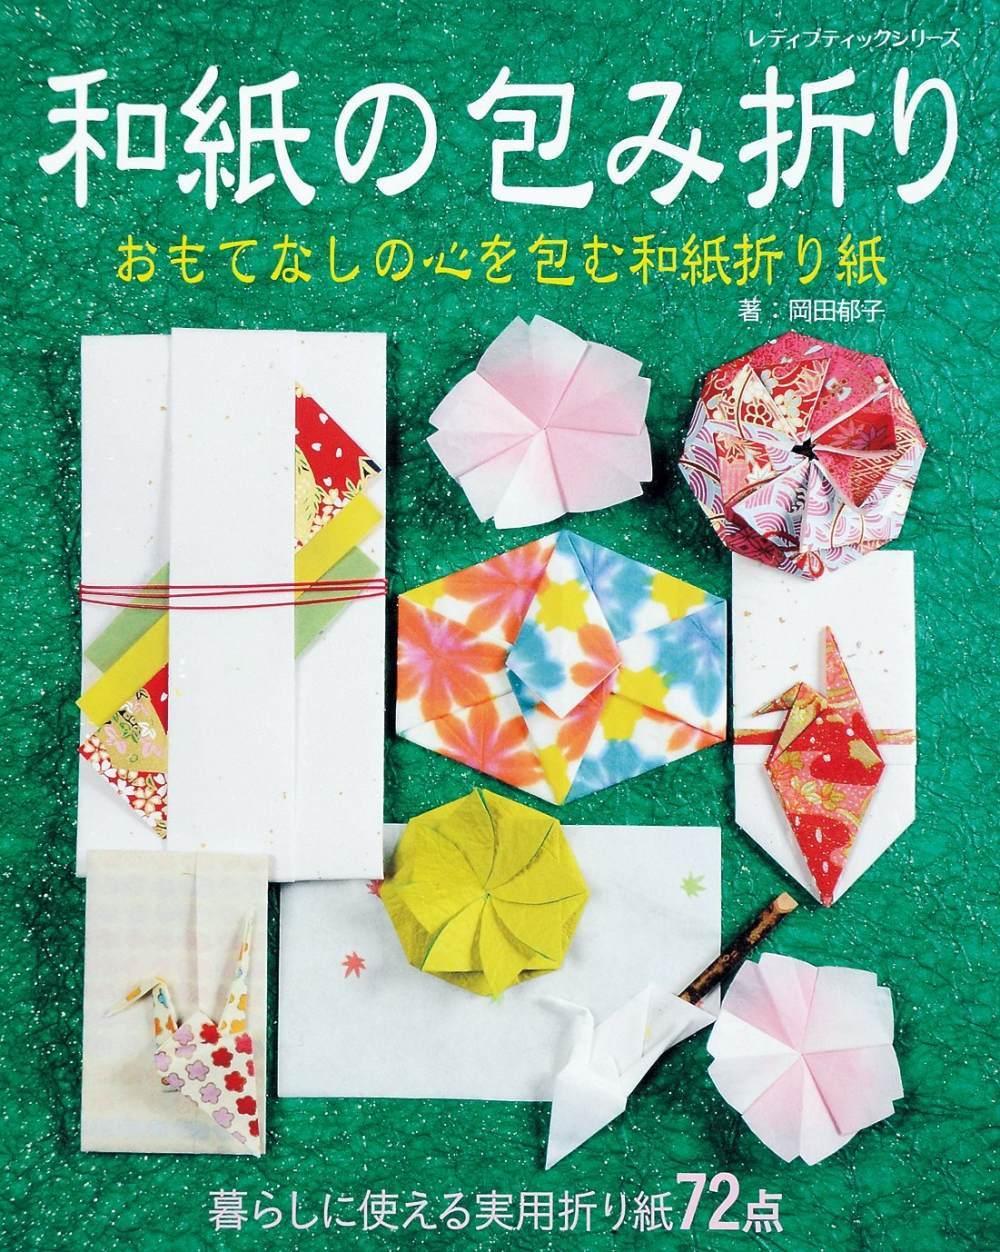 美麗和紙風情摺紙小物作品72款